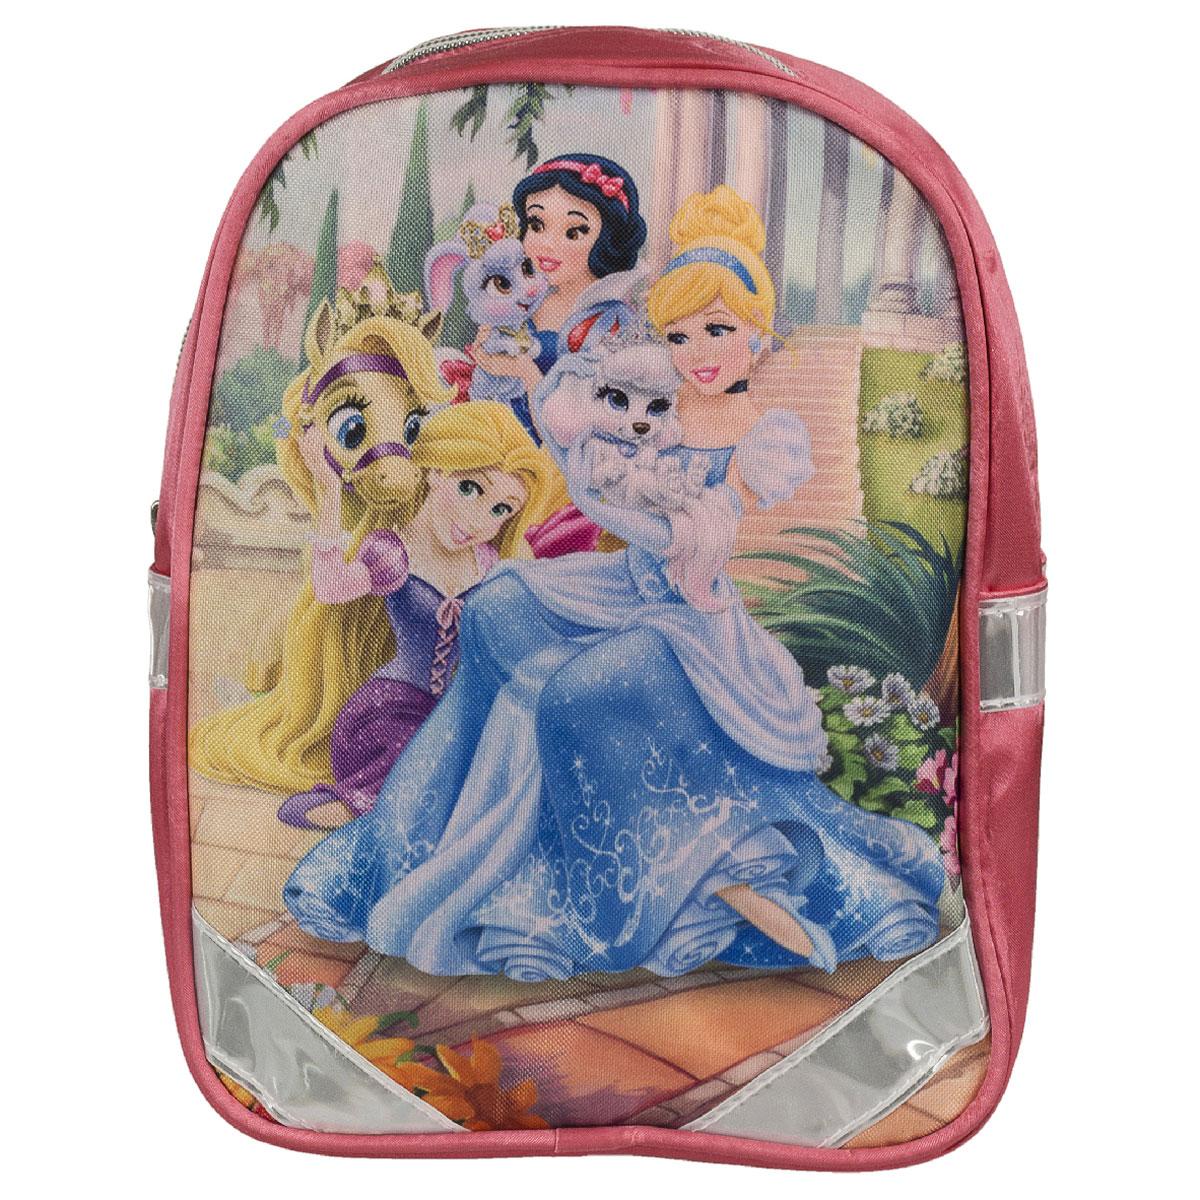 Рюкзак детский Kinderline Princess, цвет: розовыйPRCB-UT4-531Рюкзак детский Kinderline Princess выполнен из износоустойчивых материалов с водонепроницаемой основой, декорирован ярким рисунком. Рюкзак имеет одно вместительное основное отделение, закрывающееся на молнию. Ранец оснащен светоотражателями, удобной ручкой для переноски и двумя широкими лямками, регулируемой длины. С модным рюкзаком Princess ваша малышка будет звездой! Стильный и продуманный до мелочей рюкзак позаботится о том, чтобы прогулки доставляли ребенку только удовольствие.